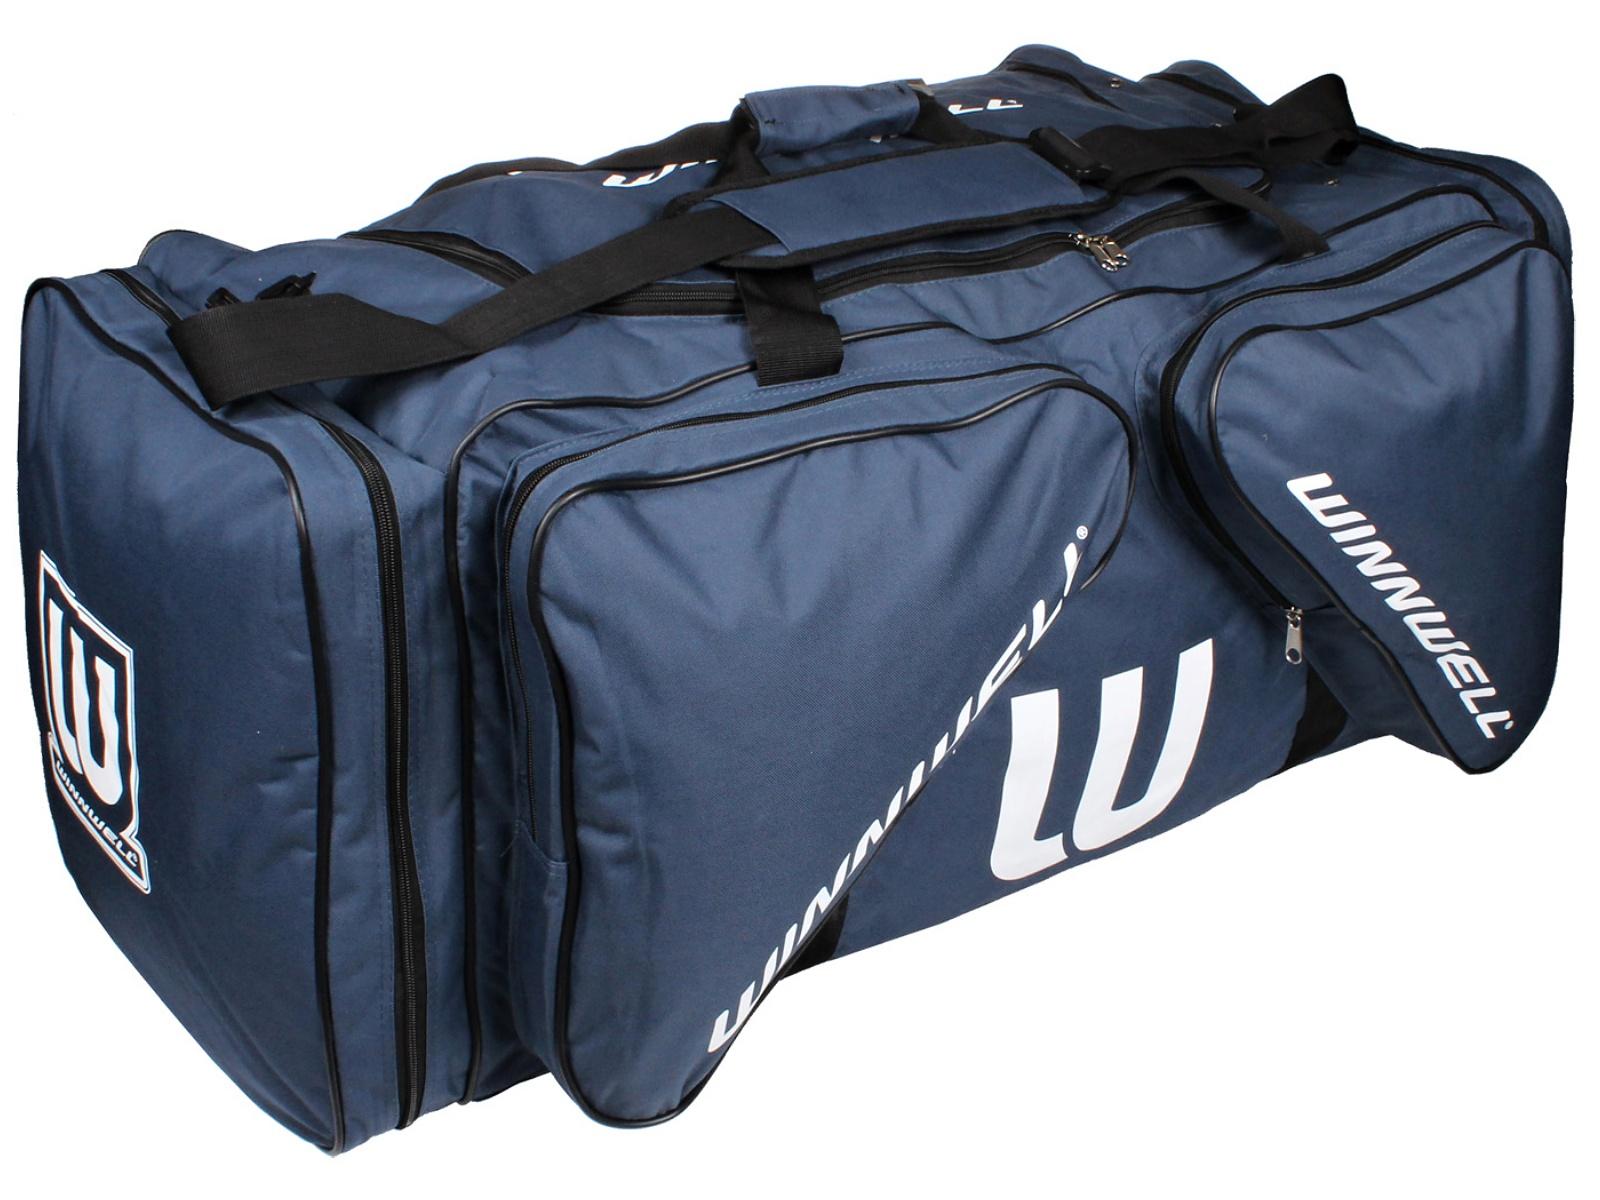 Hokejová taška WINNWELL Carry Bag JR tmavě-modrá